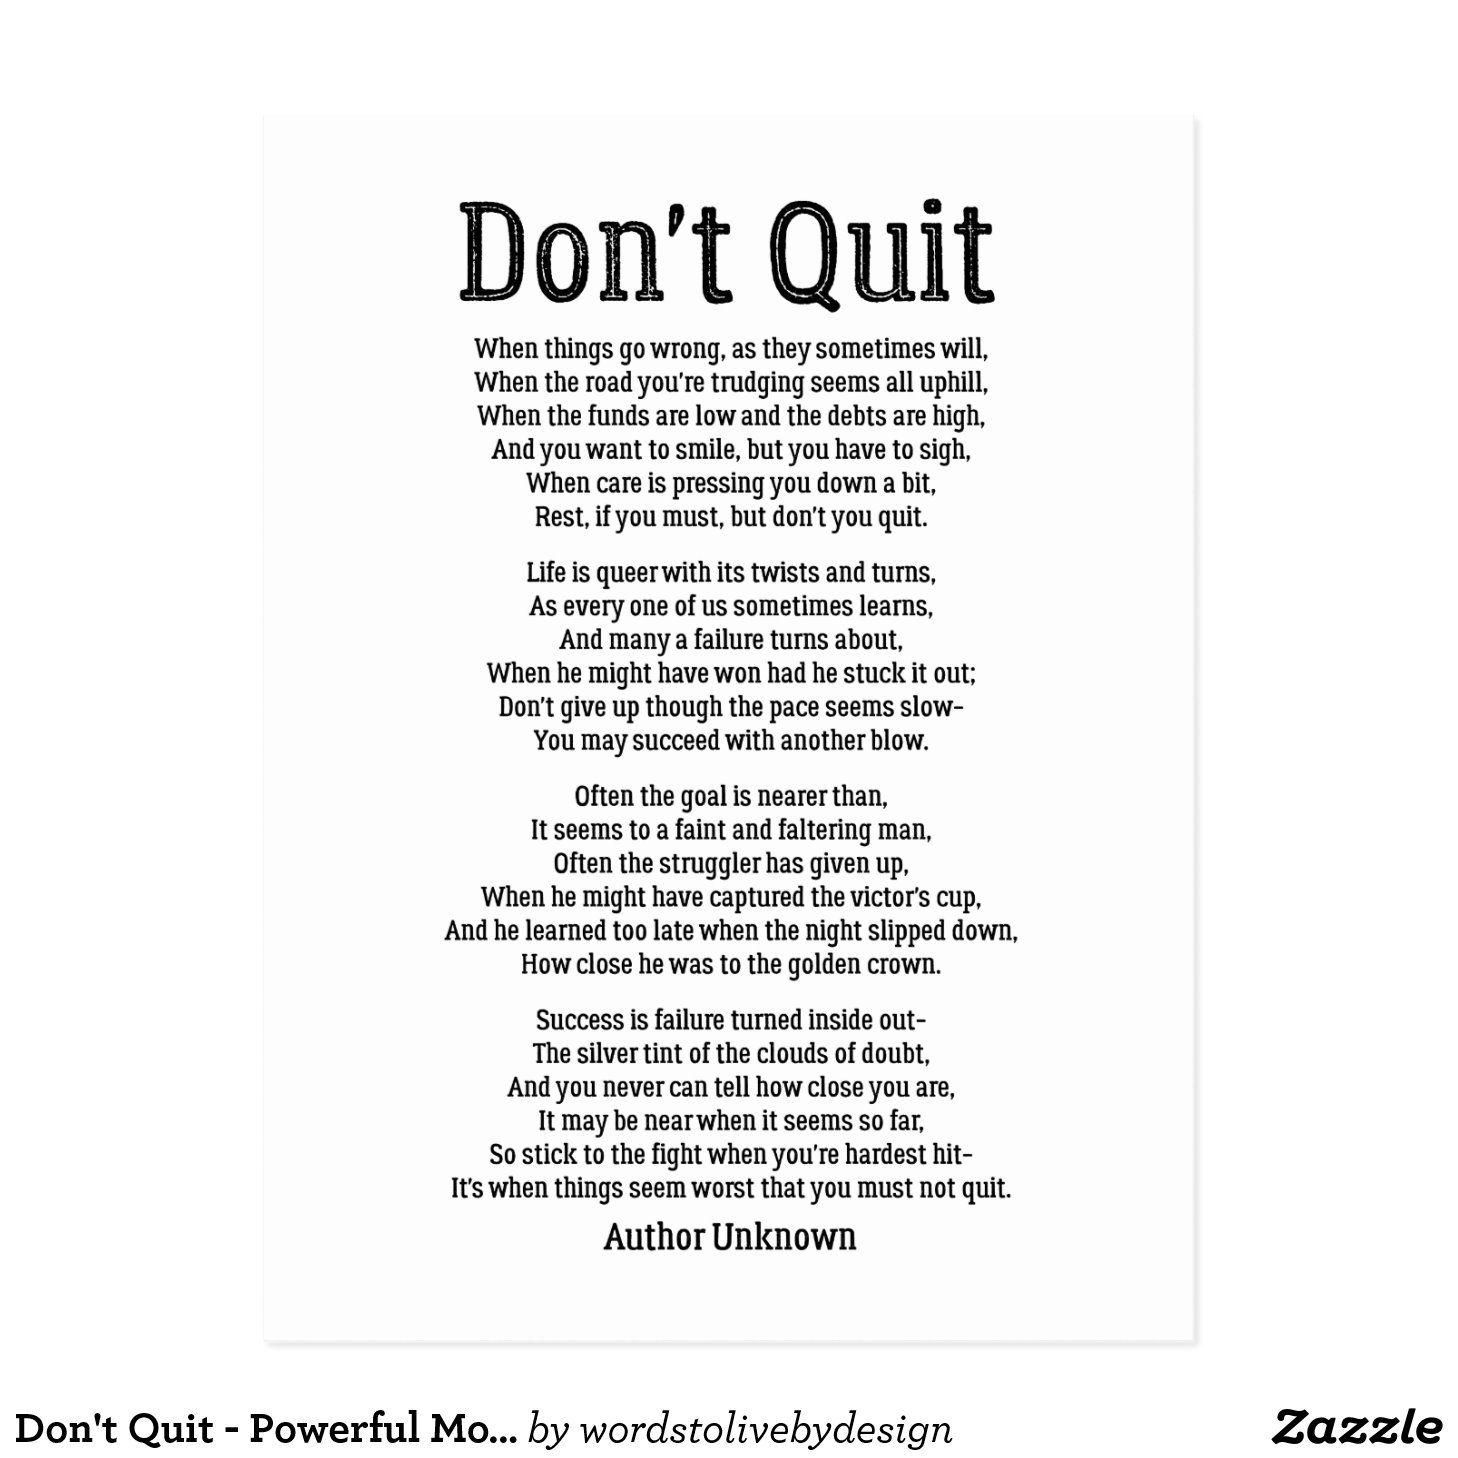 Don't Quit - Powerful Motivational Poem Postcard